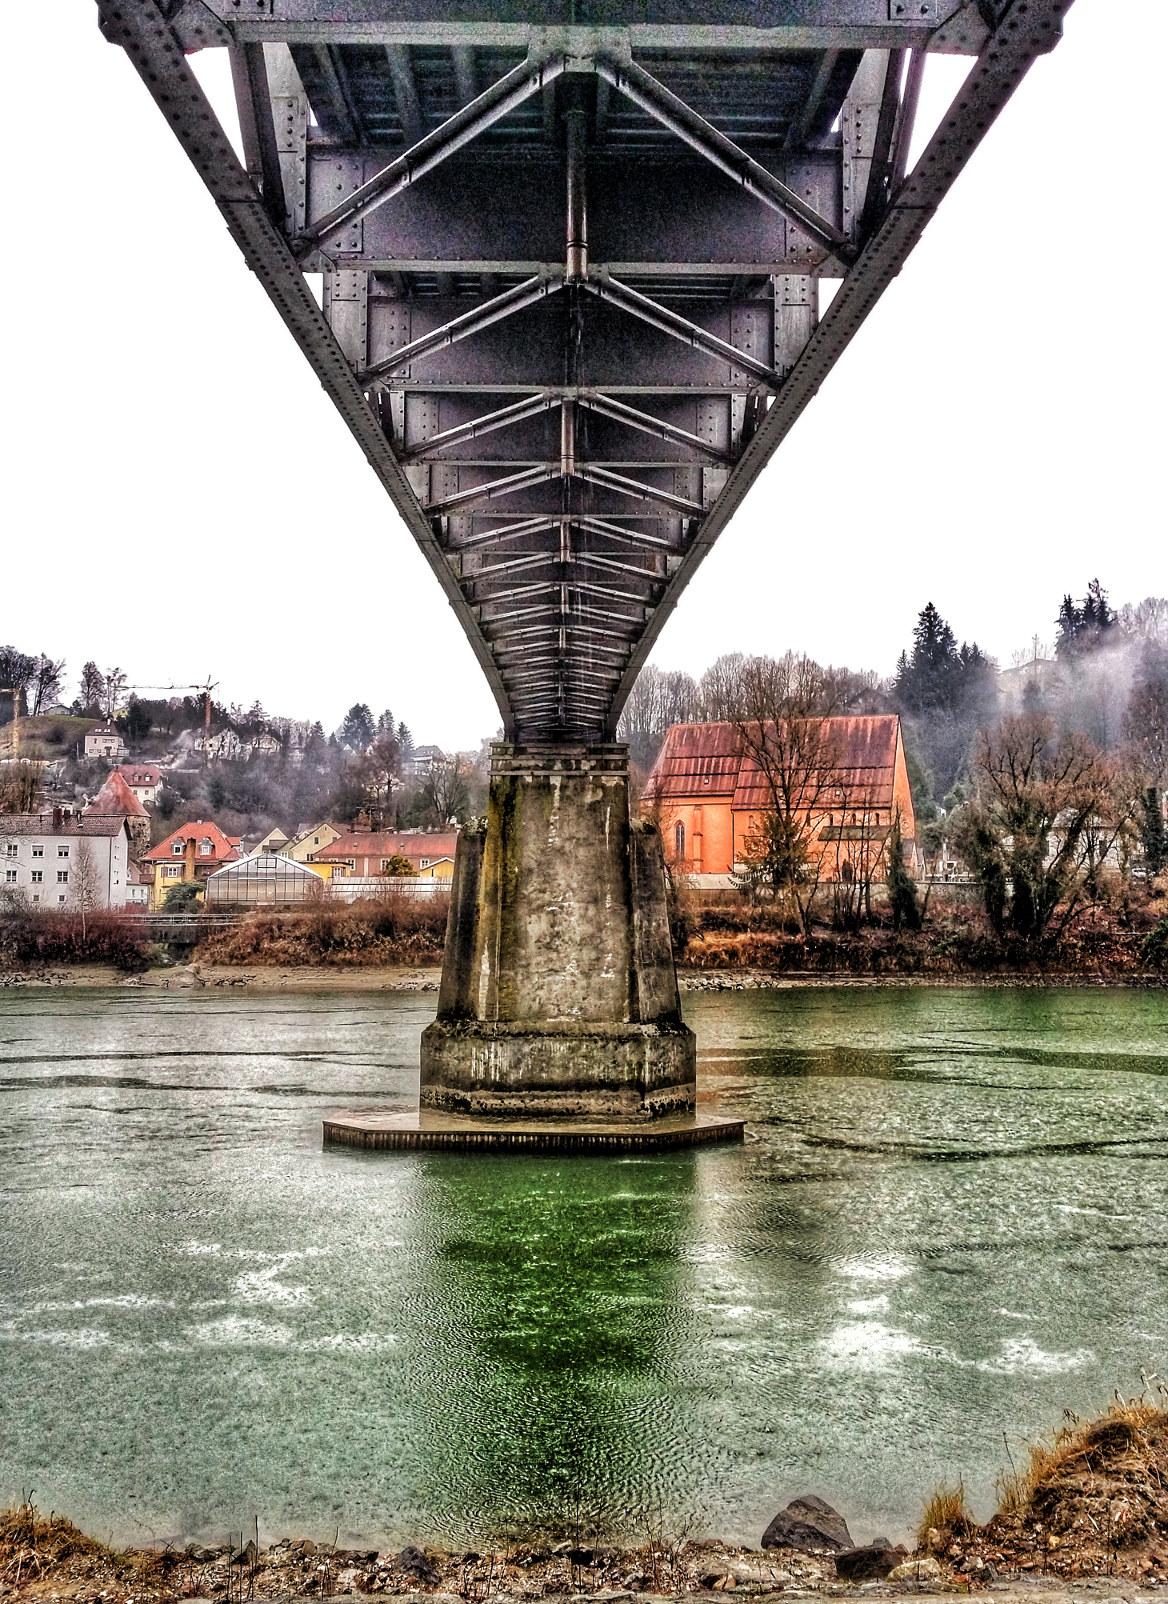 Eisenbahnbrücke über die Inn, Passau